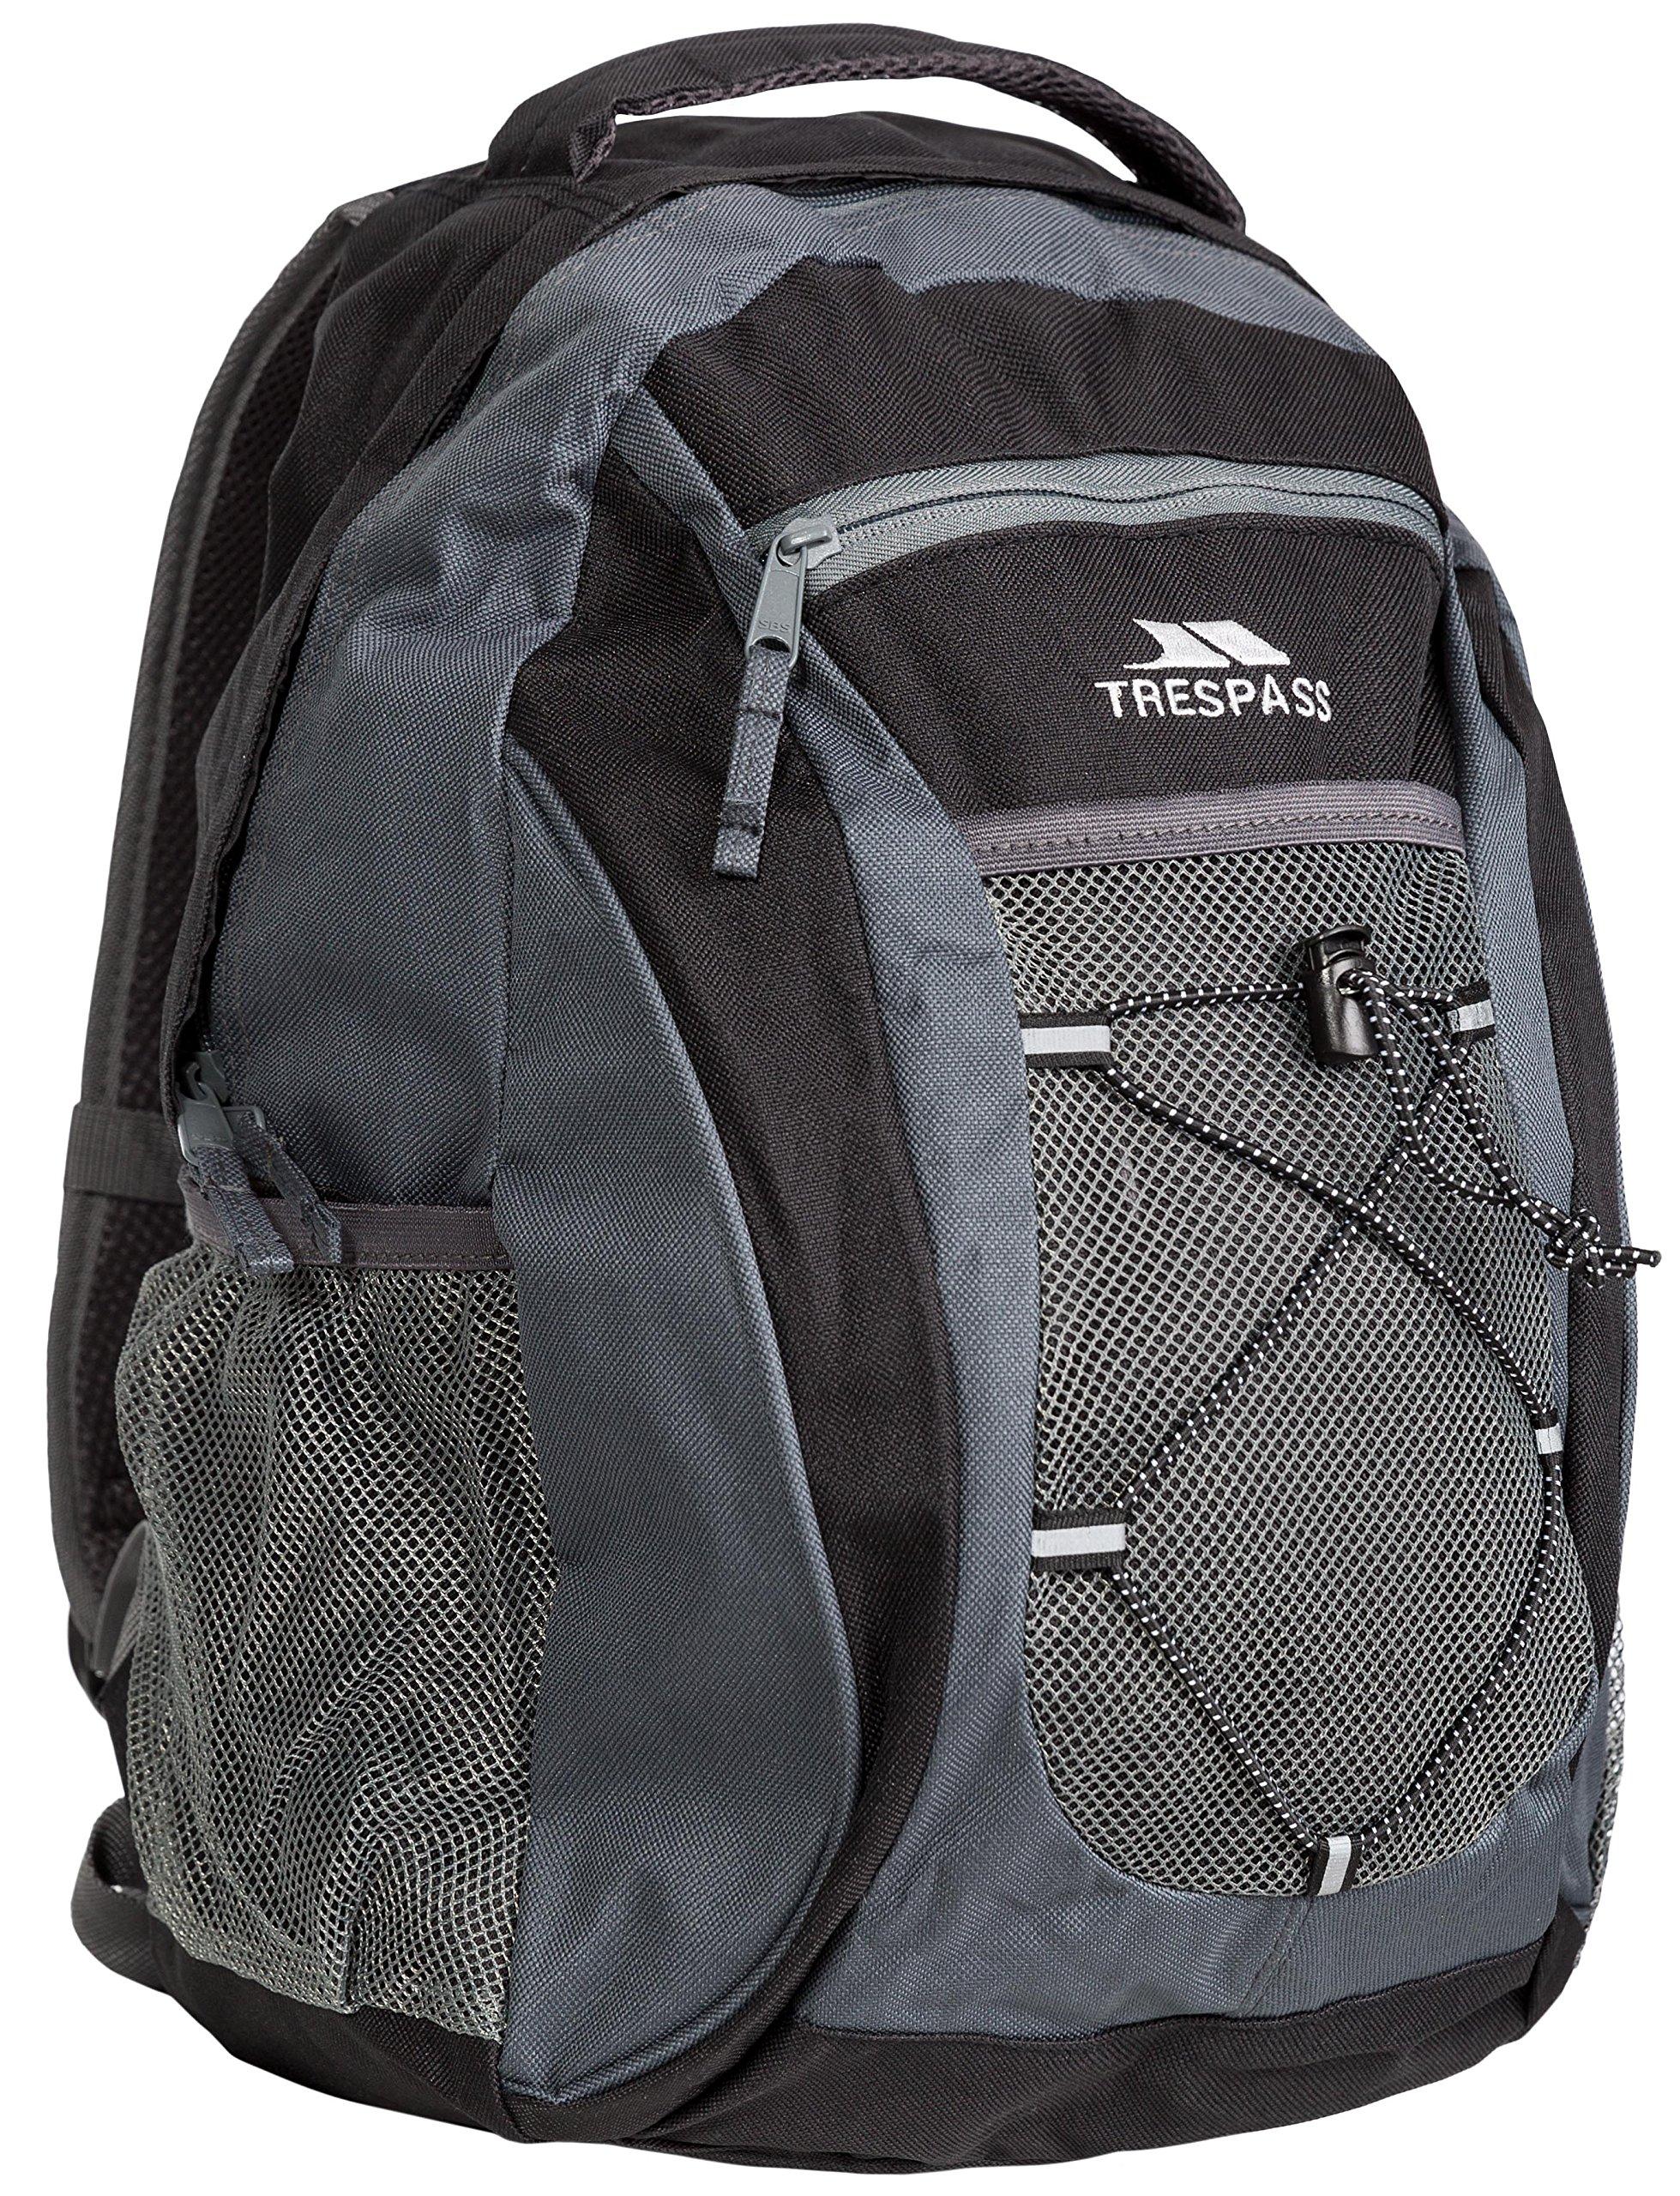 Trespass Neroli Backpack/Rucksack, 28 Litre 3